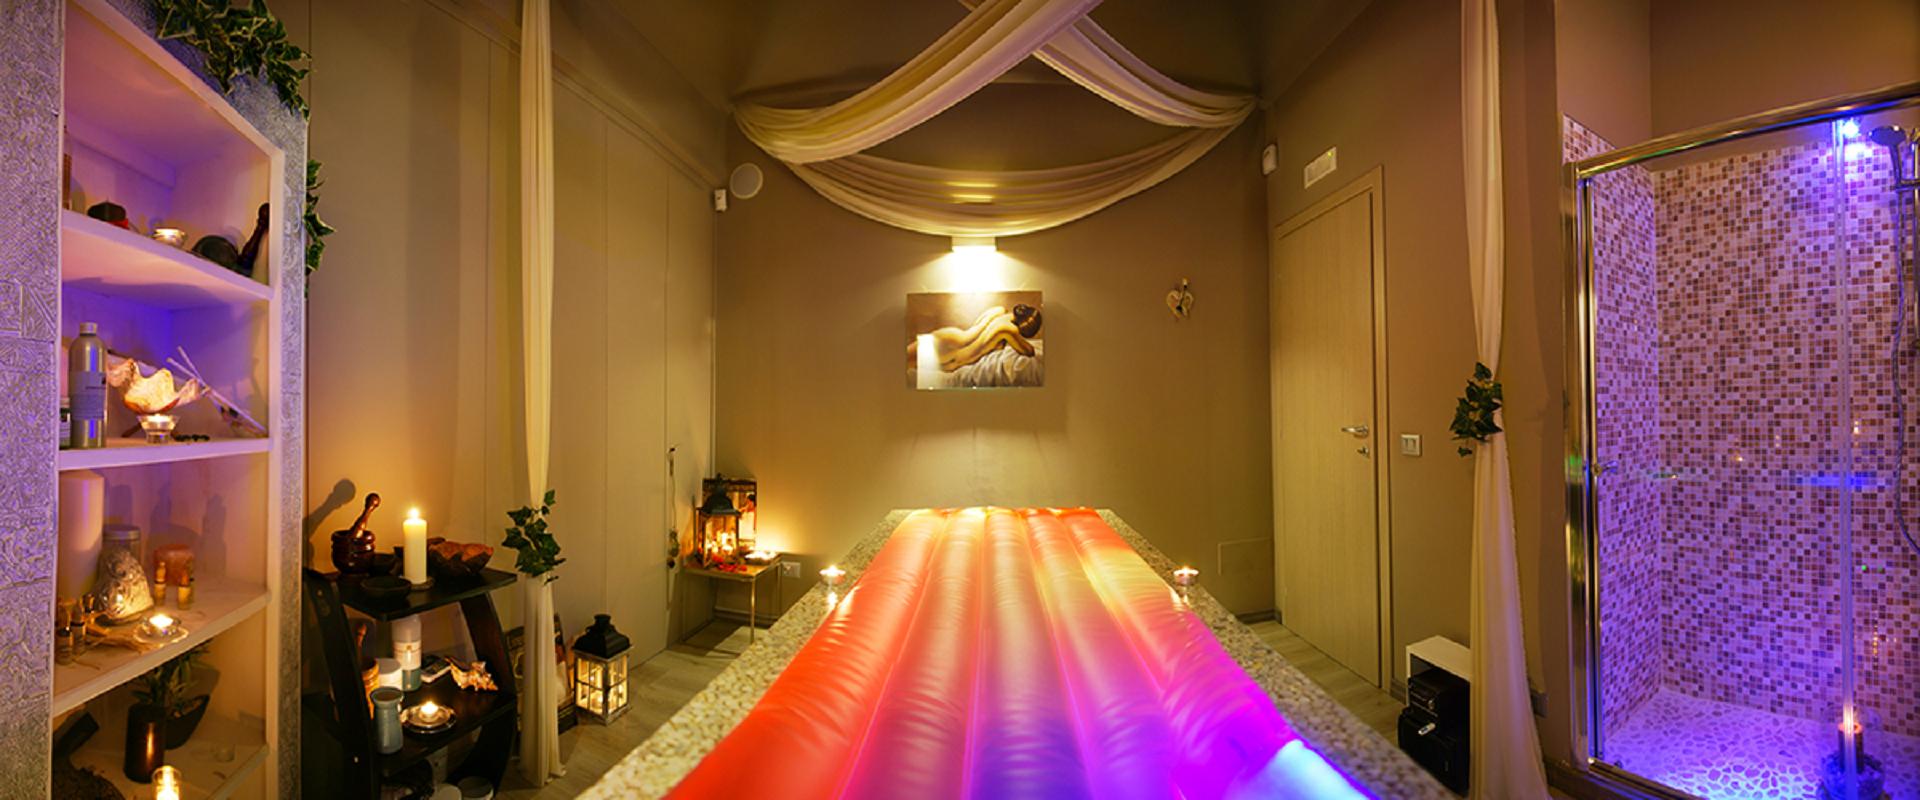 Arredamento per spa e solarium a lecce arredamento for Arredamento spa e centri benessere